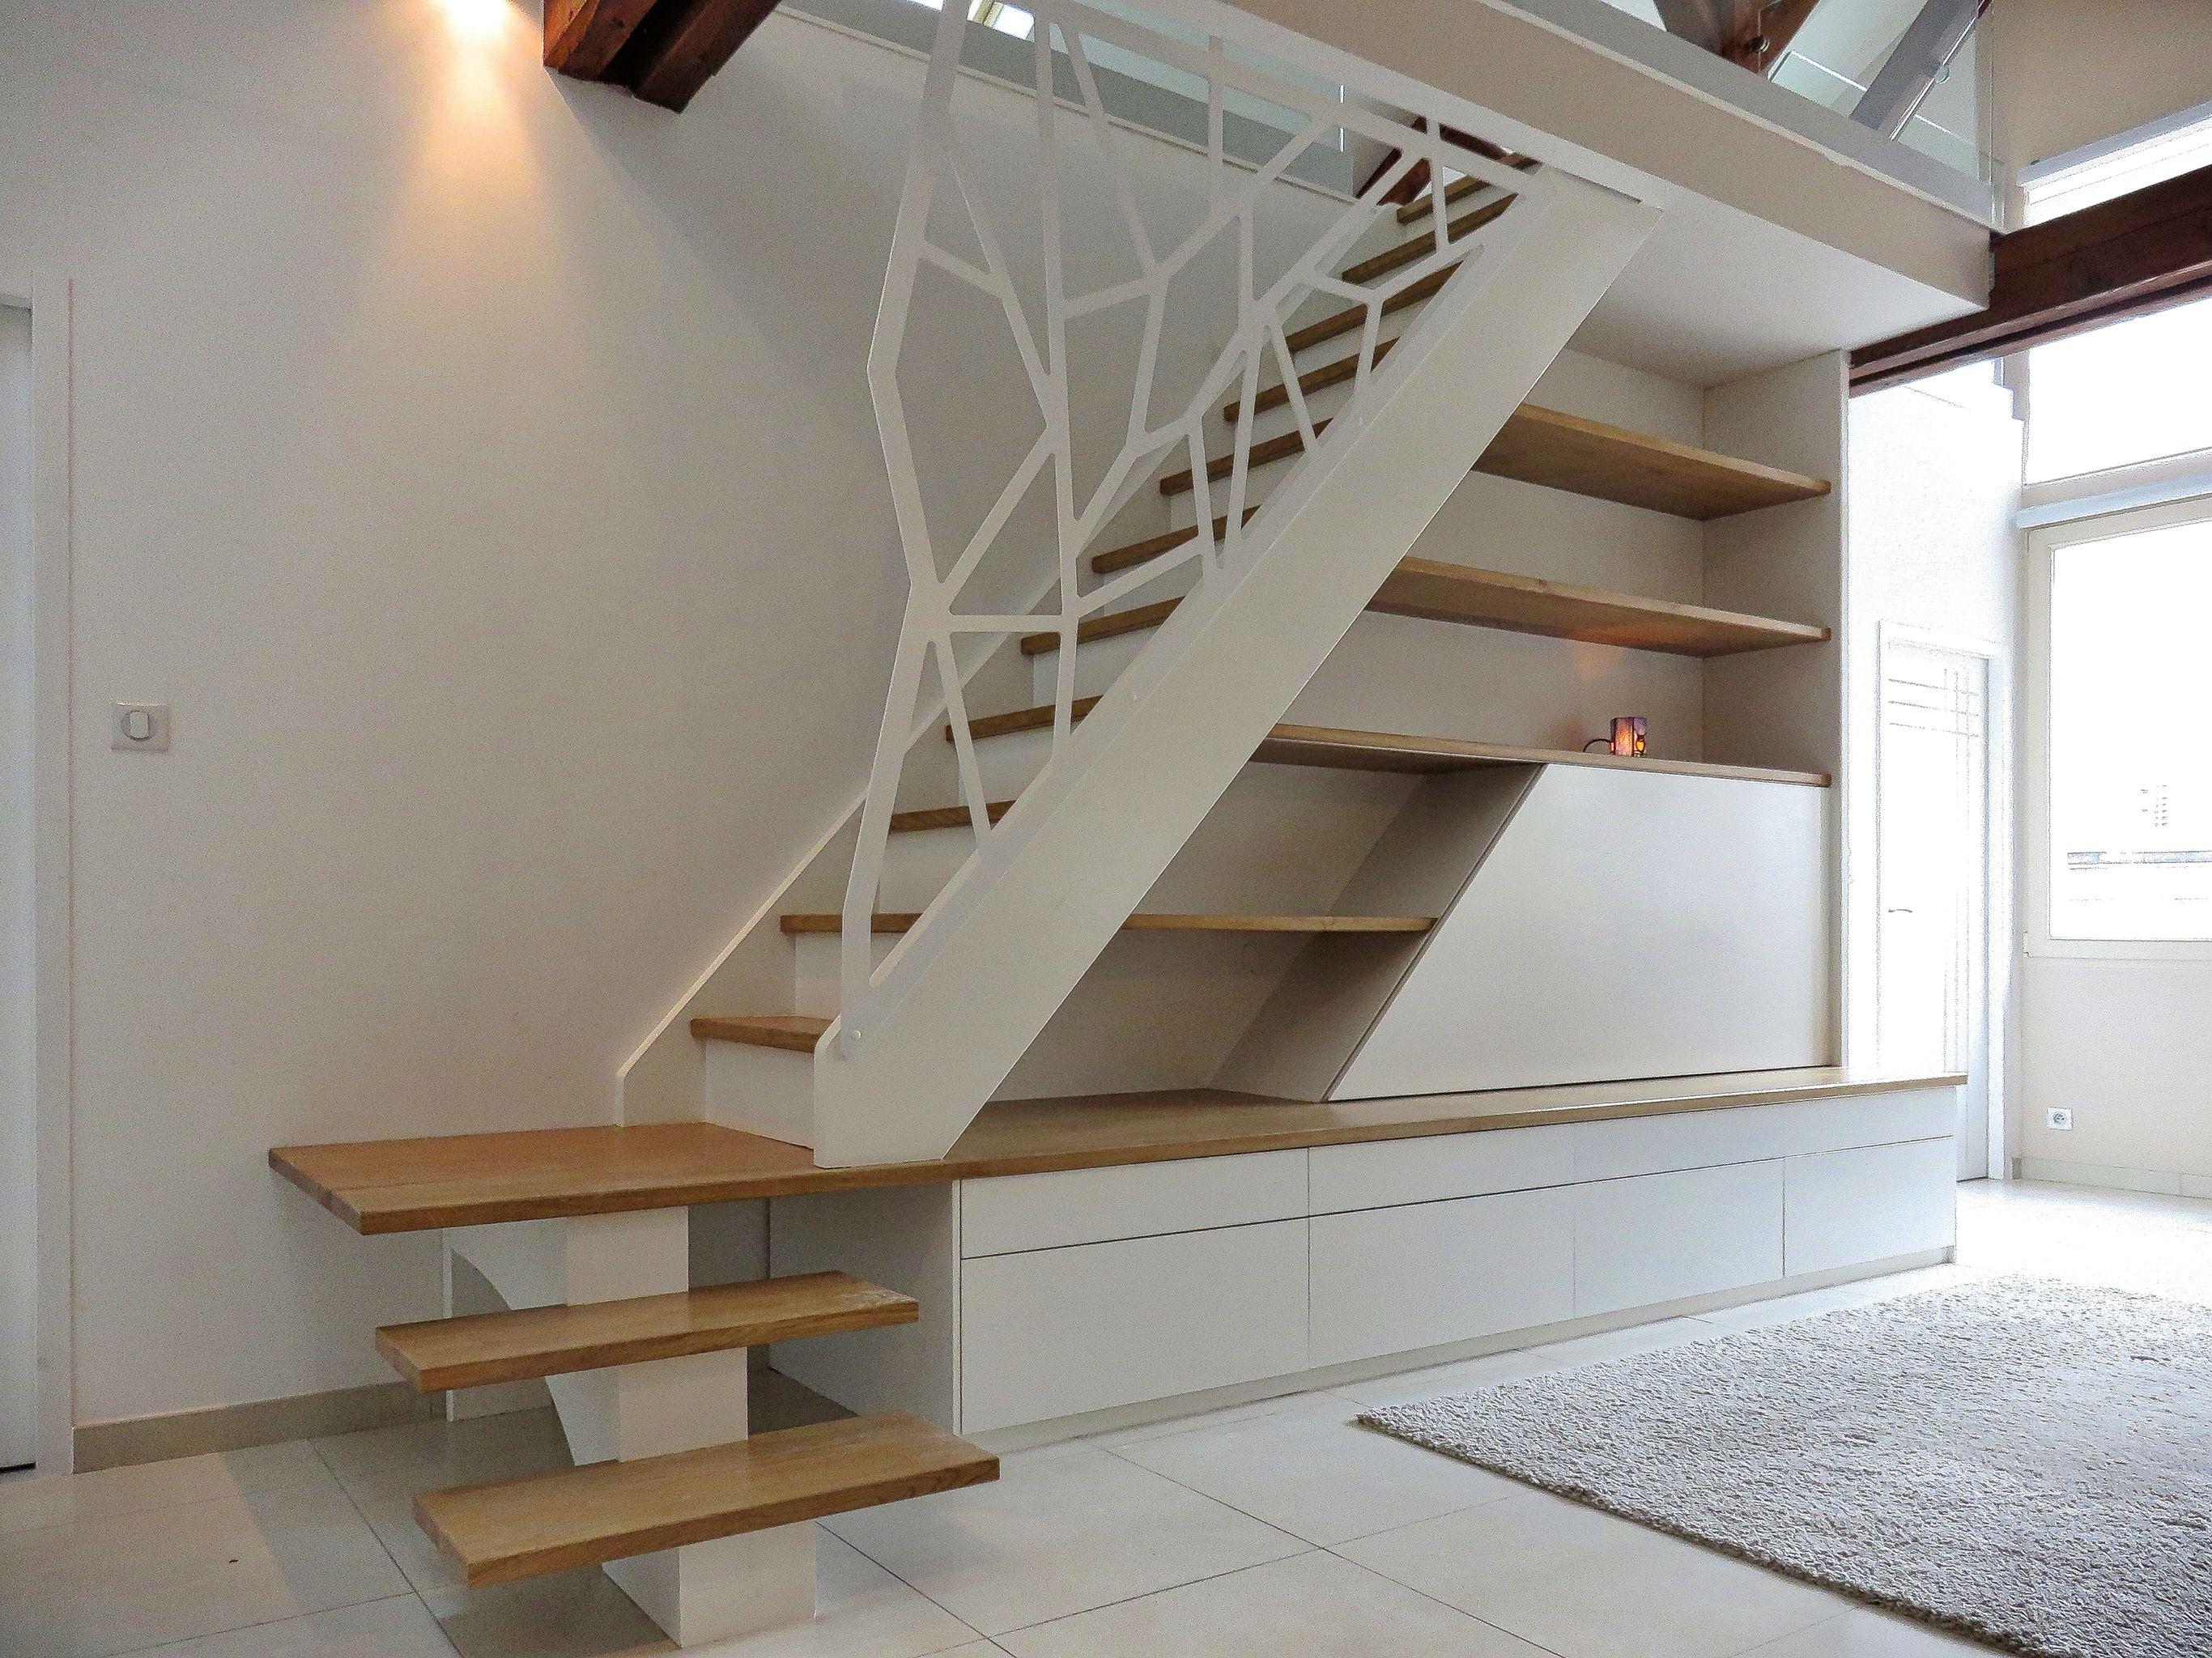 Tv Sous Escalier | Aménager Un Bureau Sous L Escalier 10 Idées ...